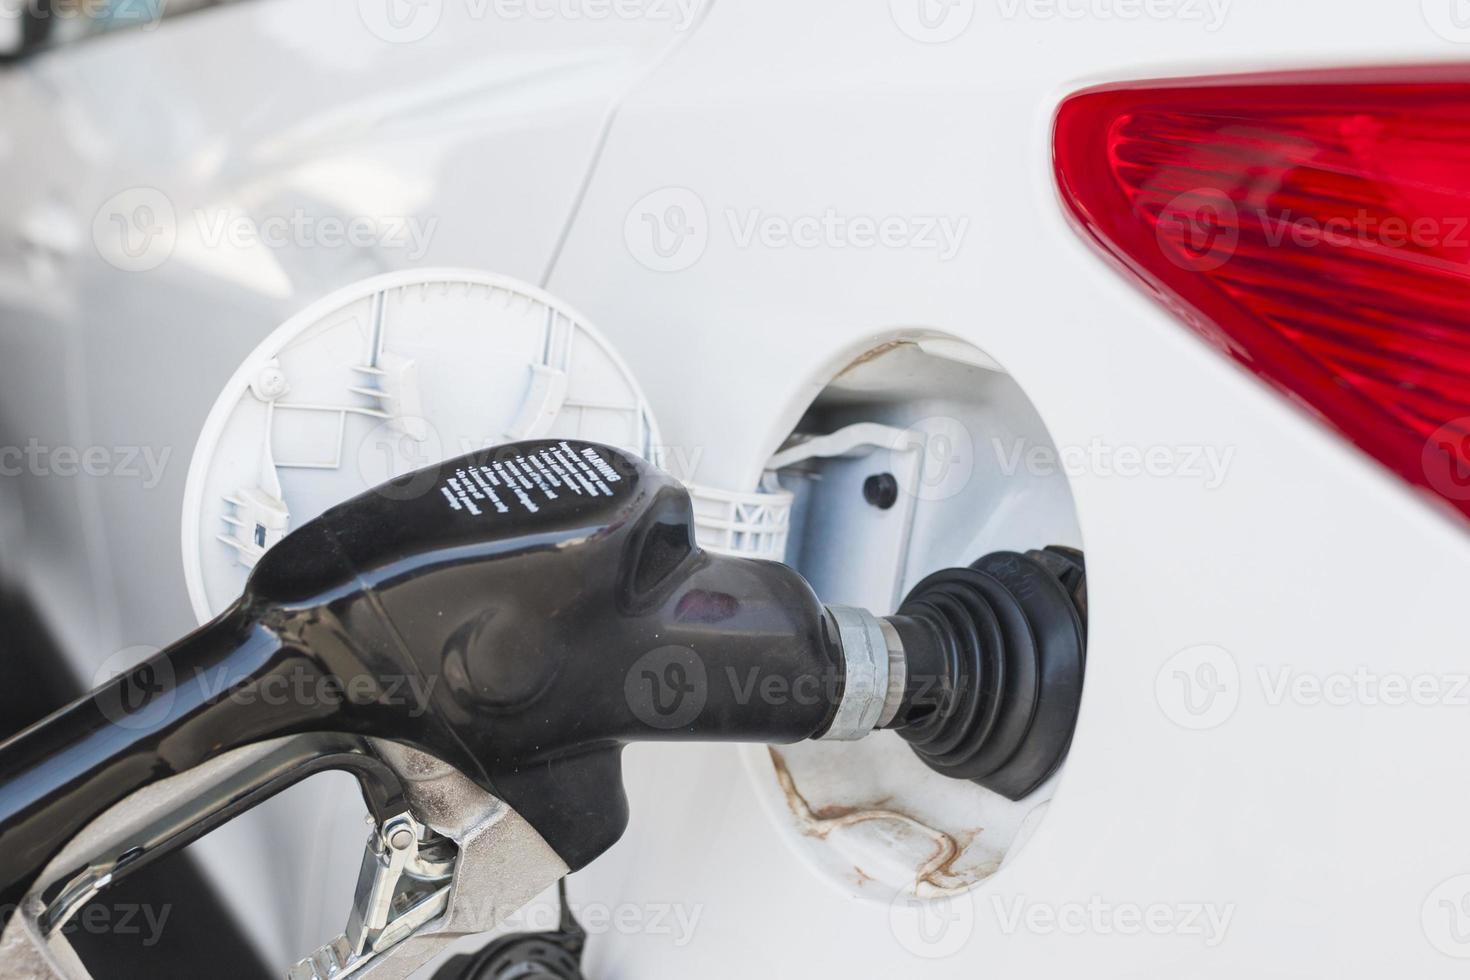 rellenar el tanque del automóvil en la estación de combustible foto